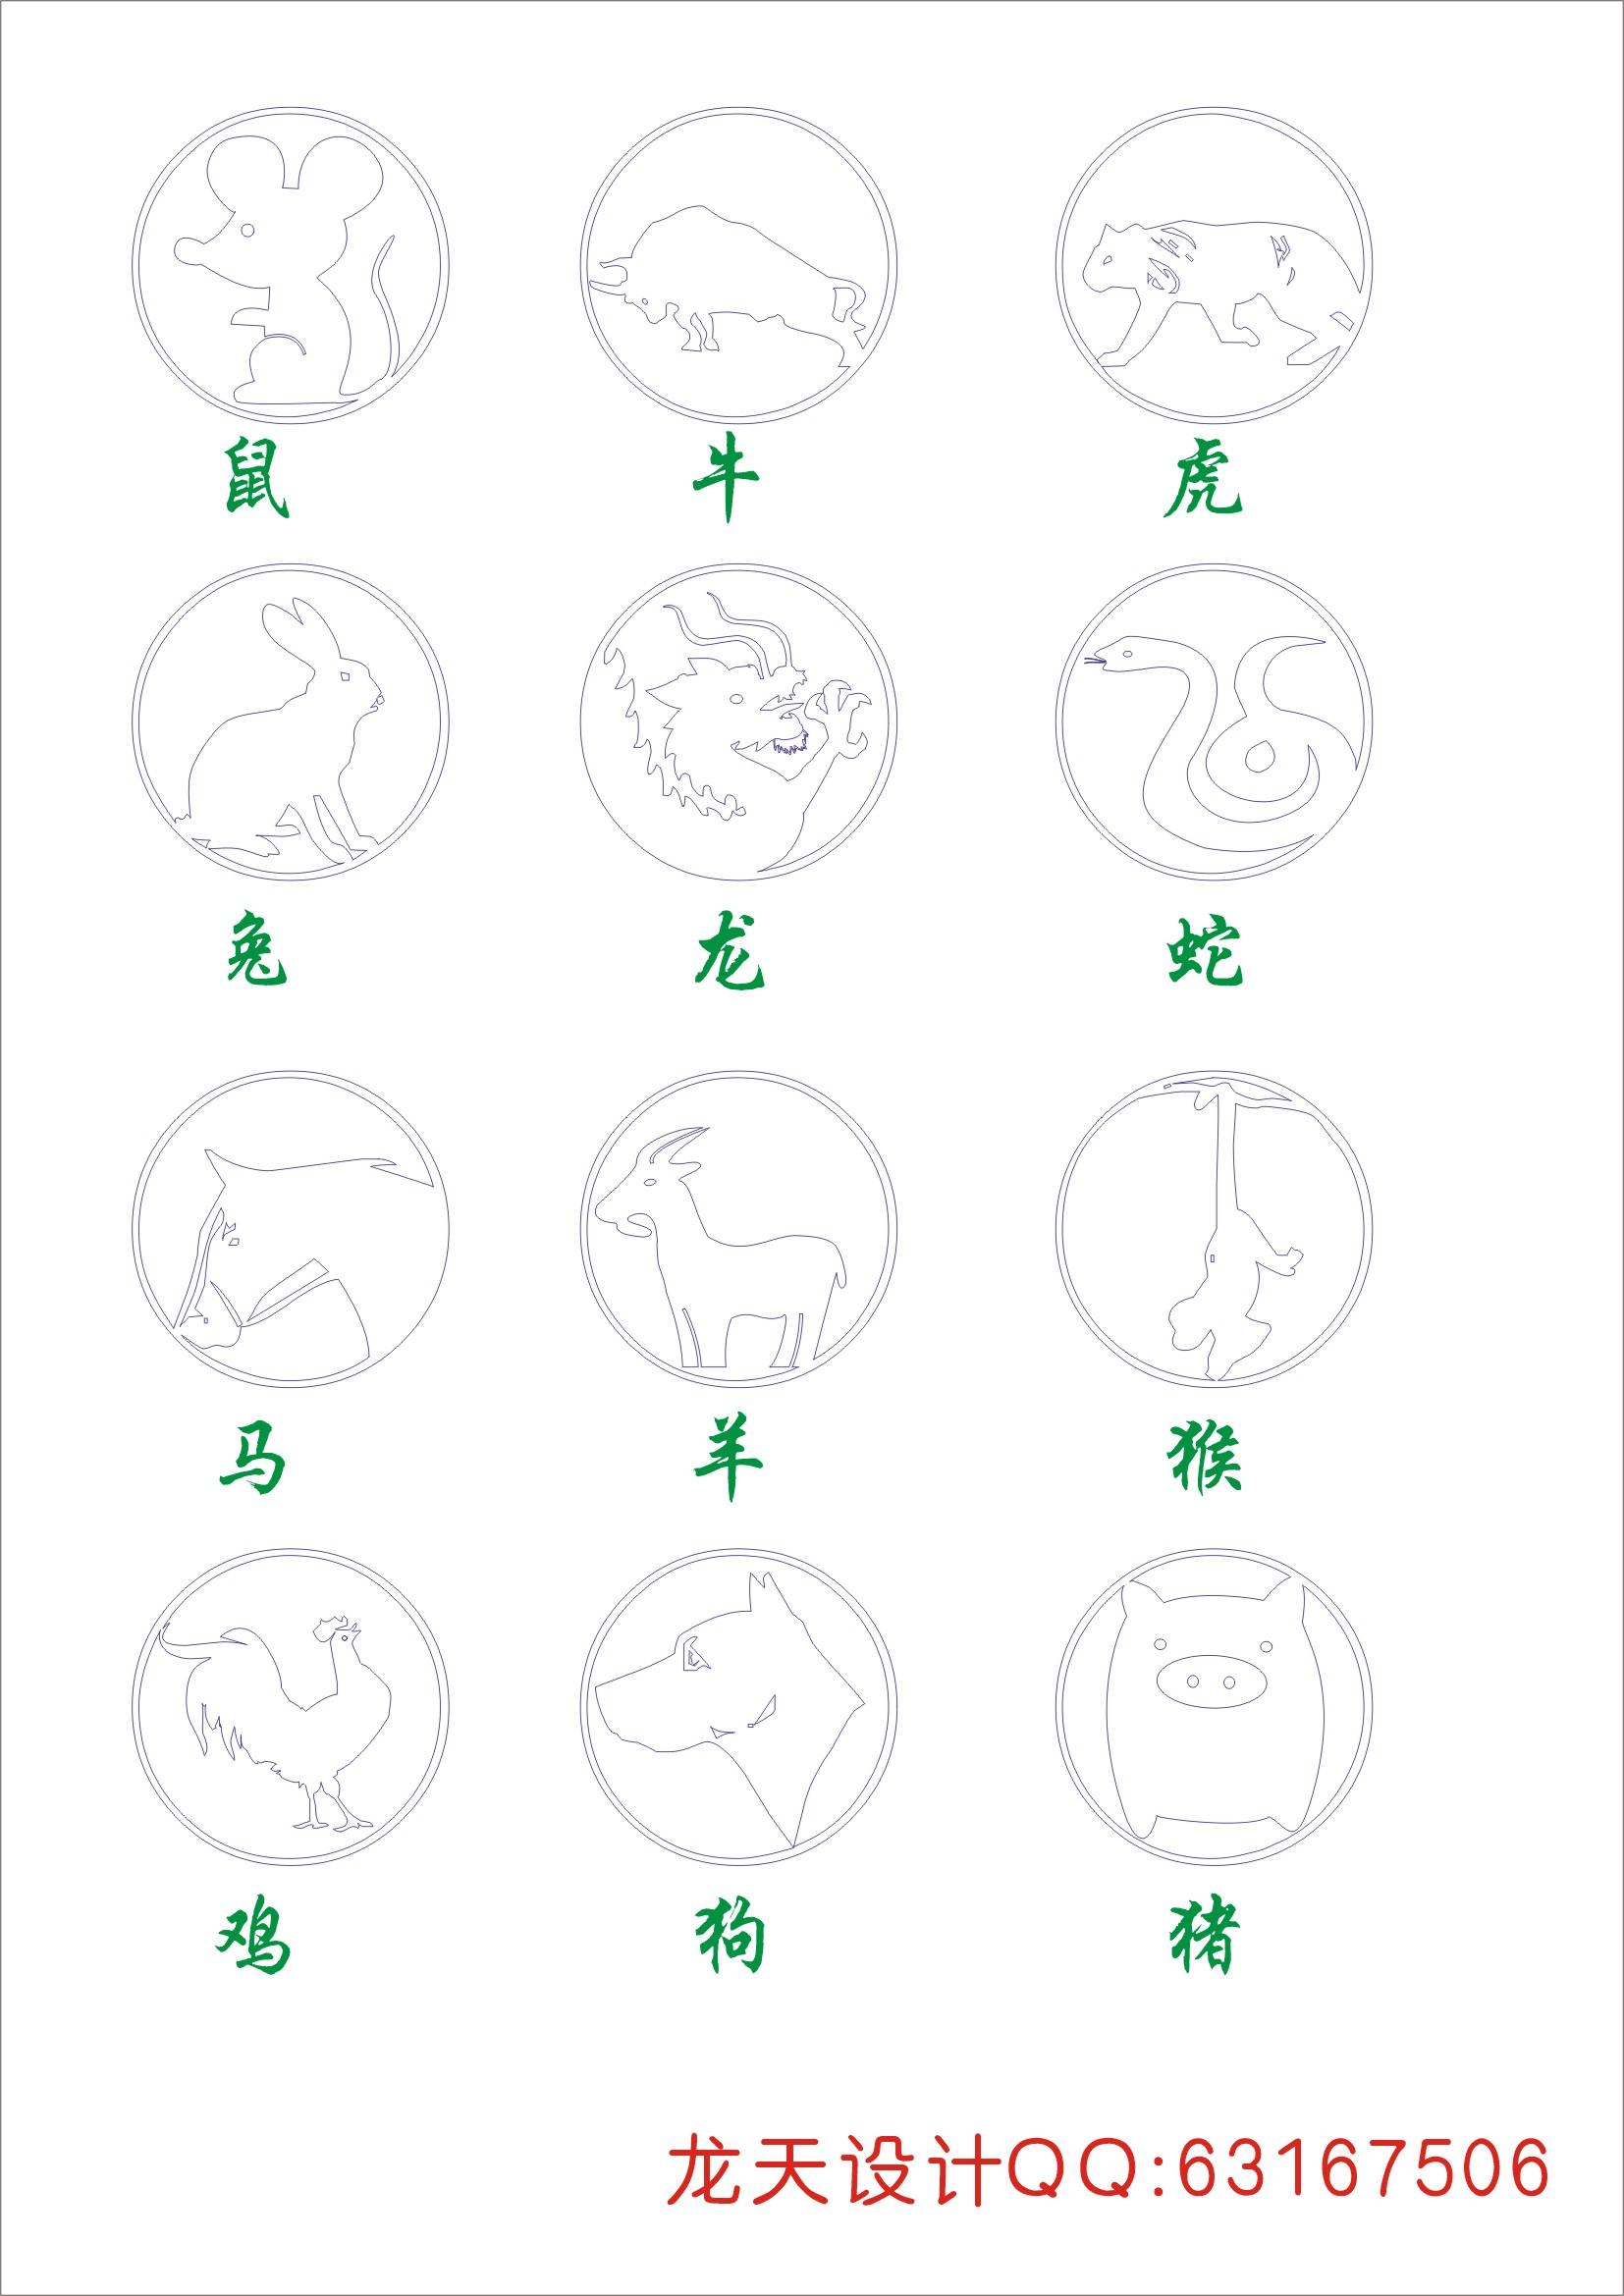 12生肖线描矢量图_1591005_k68威客网